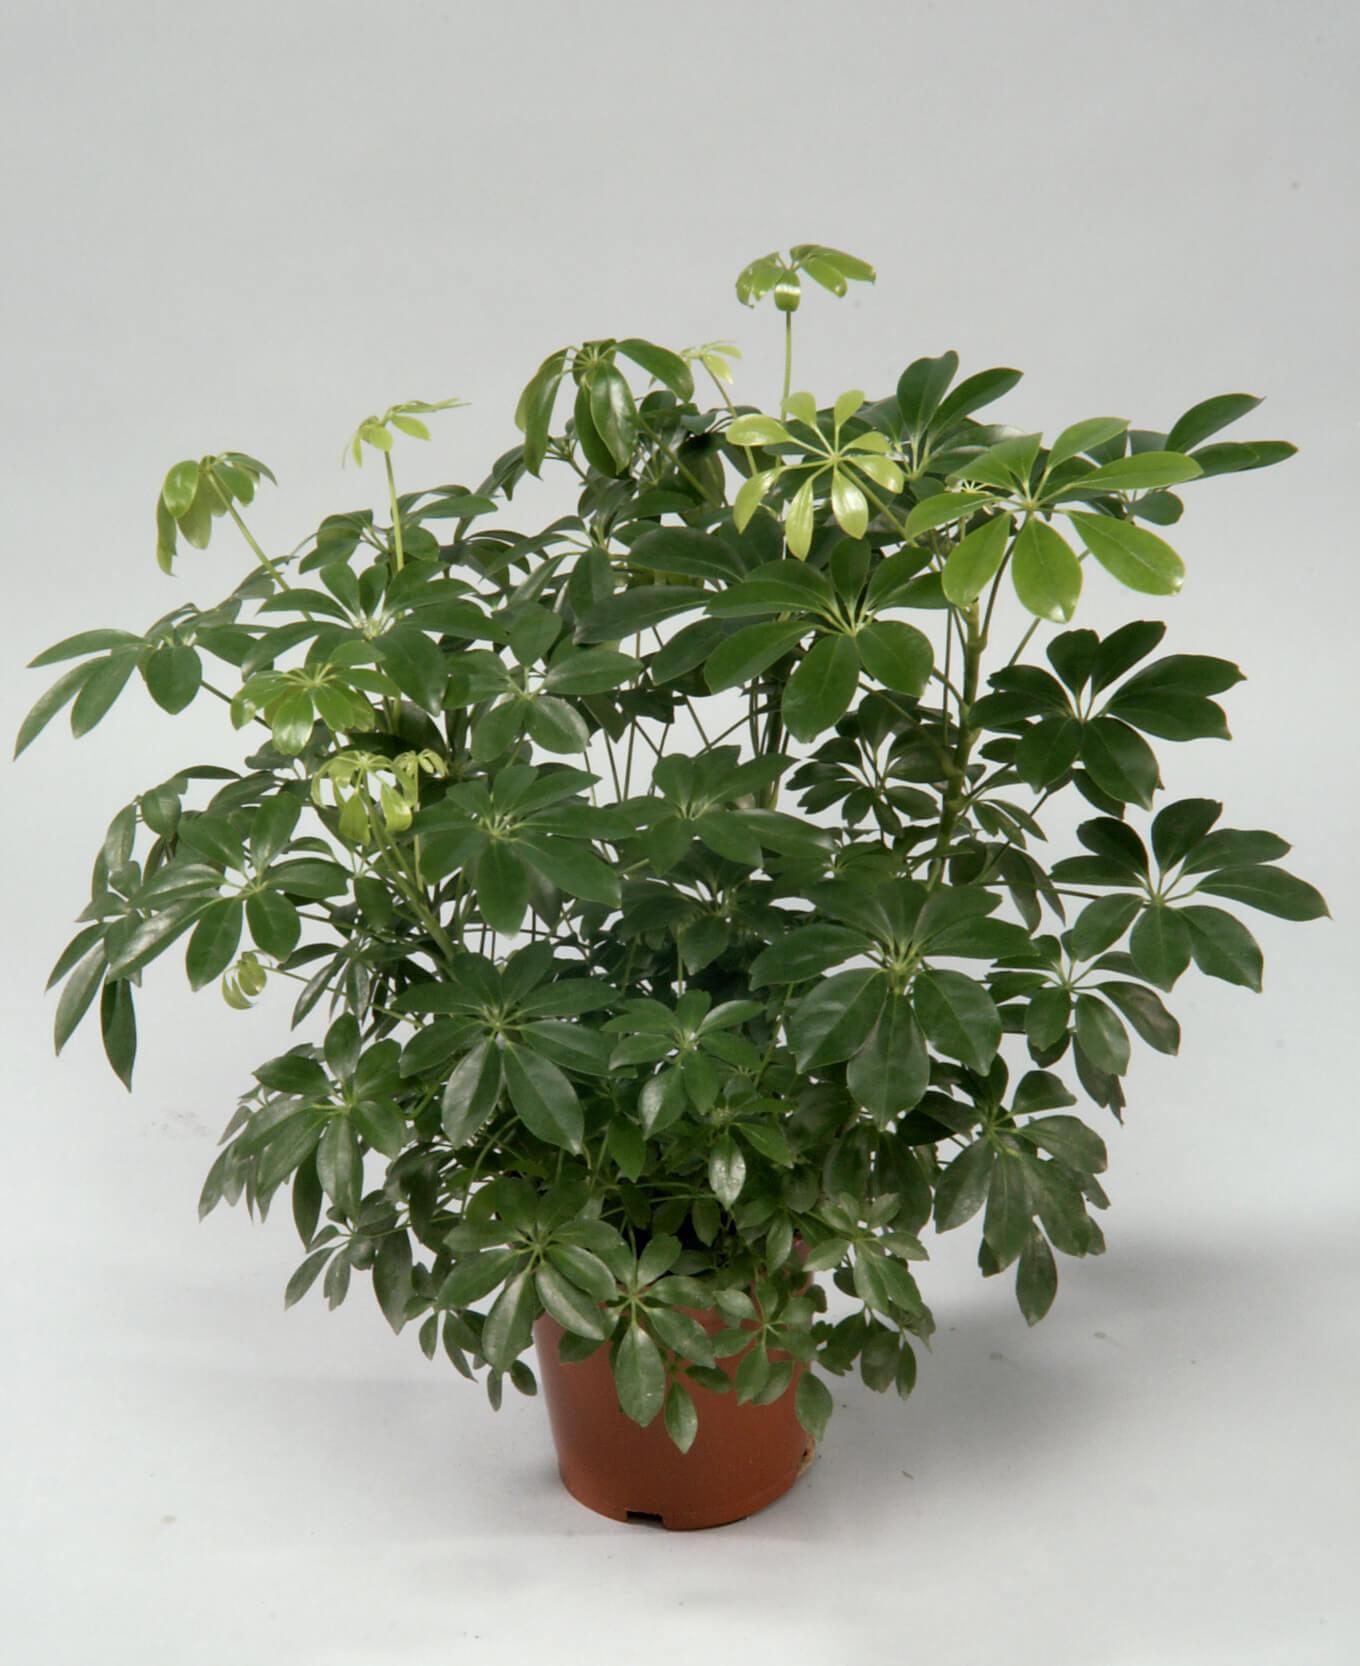 Schefflera Arboricola U0027Compactau0027 Or Dwarf Umbrella Tree